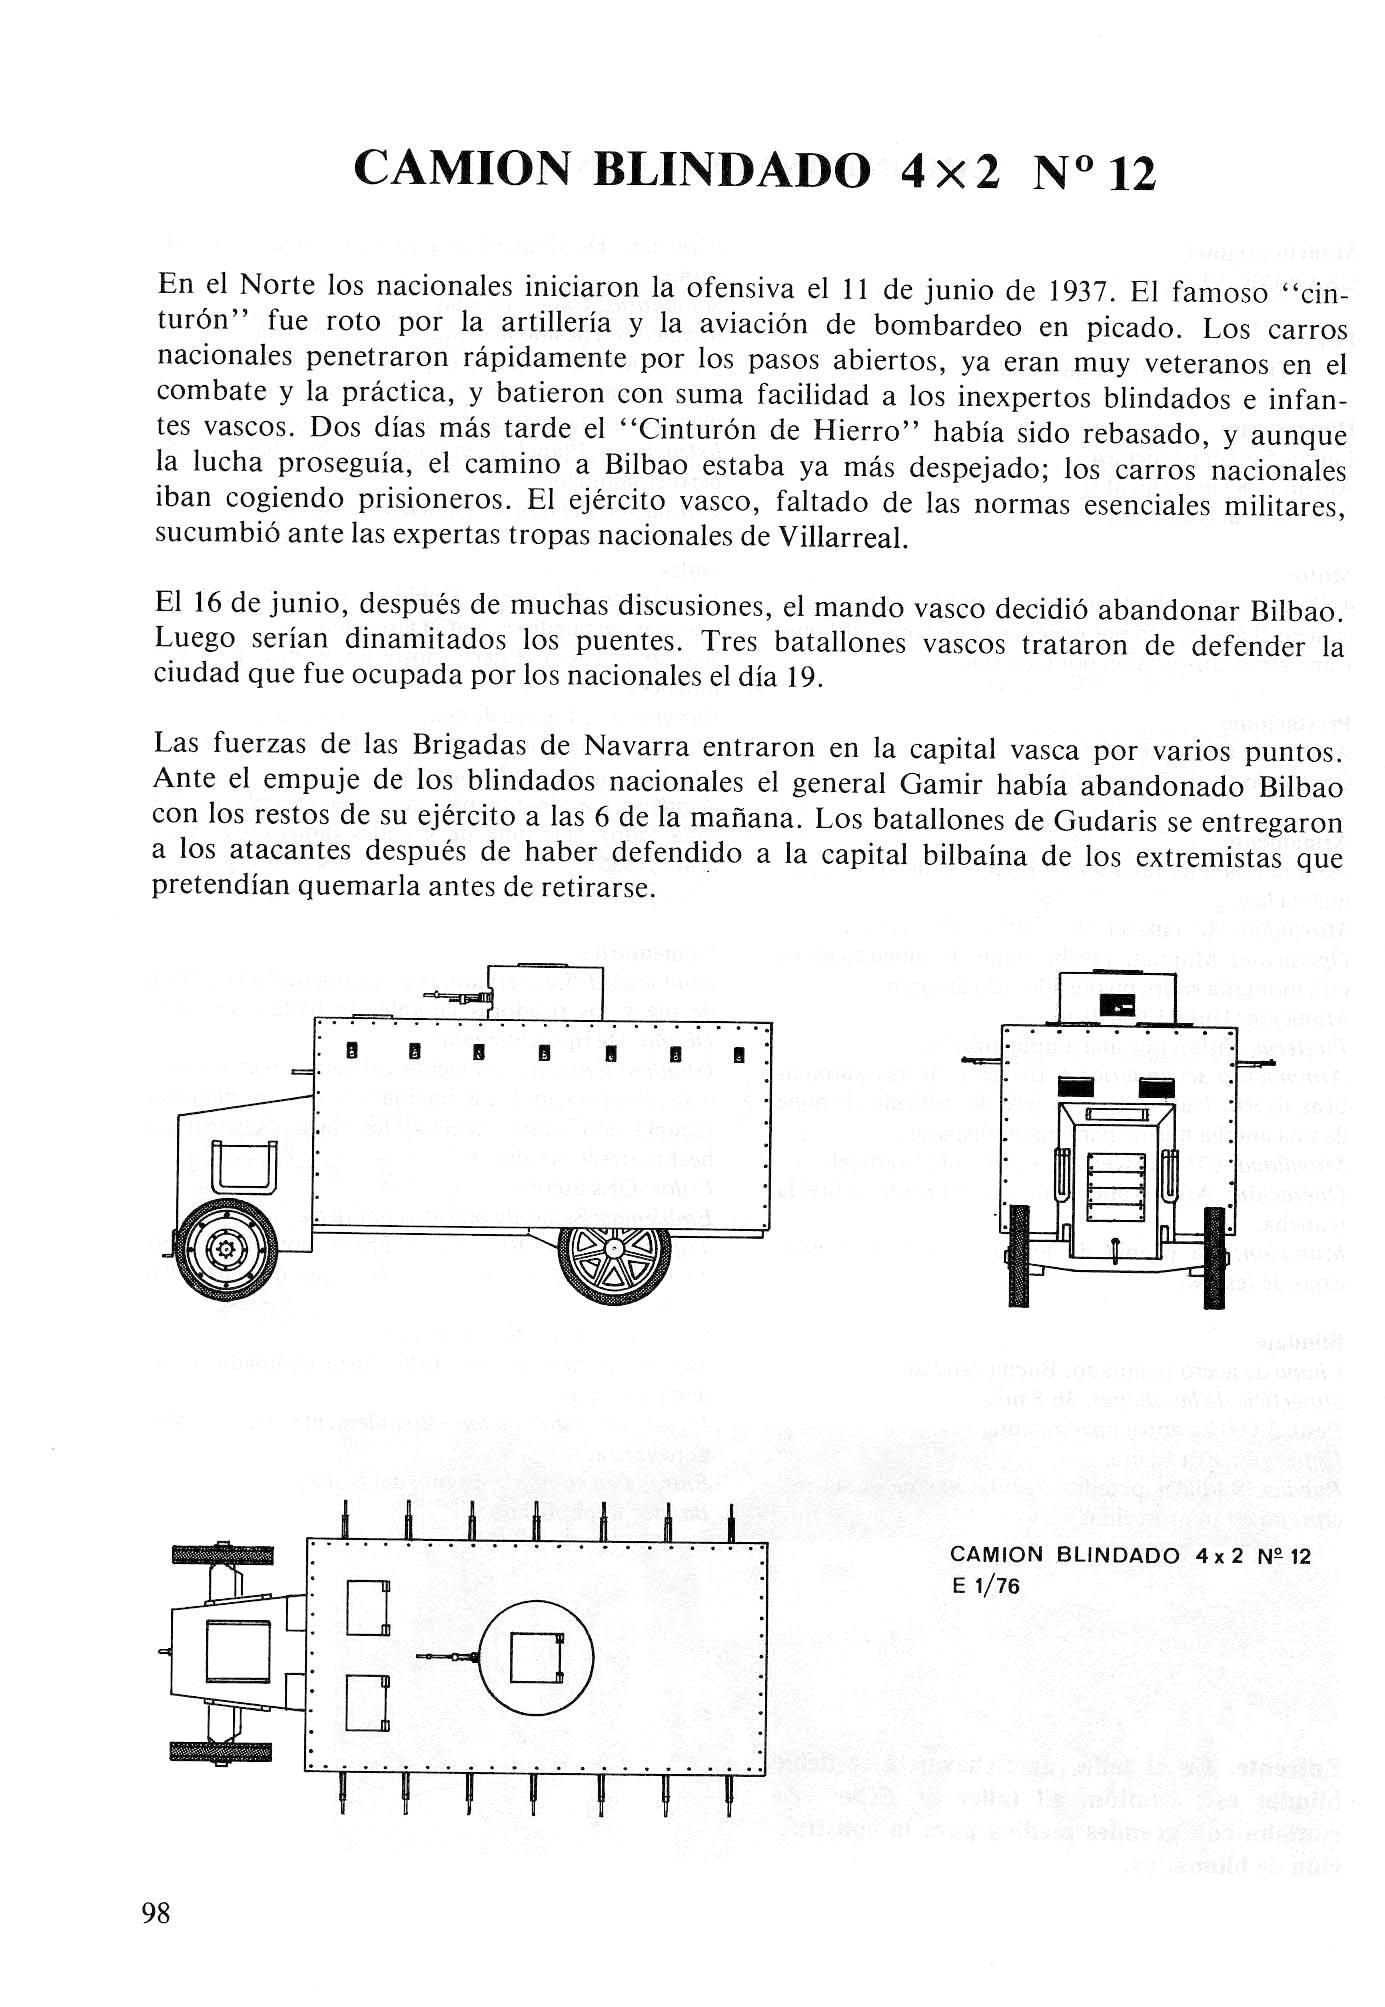 Carros De Combate Y Vehiculos Blindados De La Guerra 1936 1939 [F.C.Albert 1980]_Страница_096.jpg